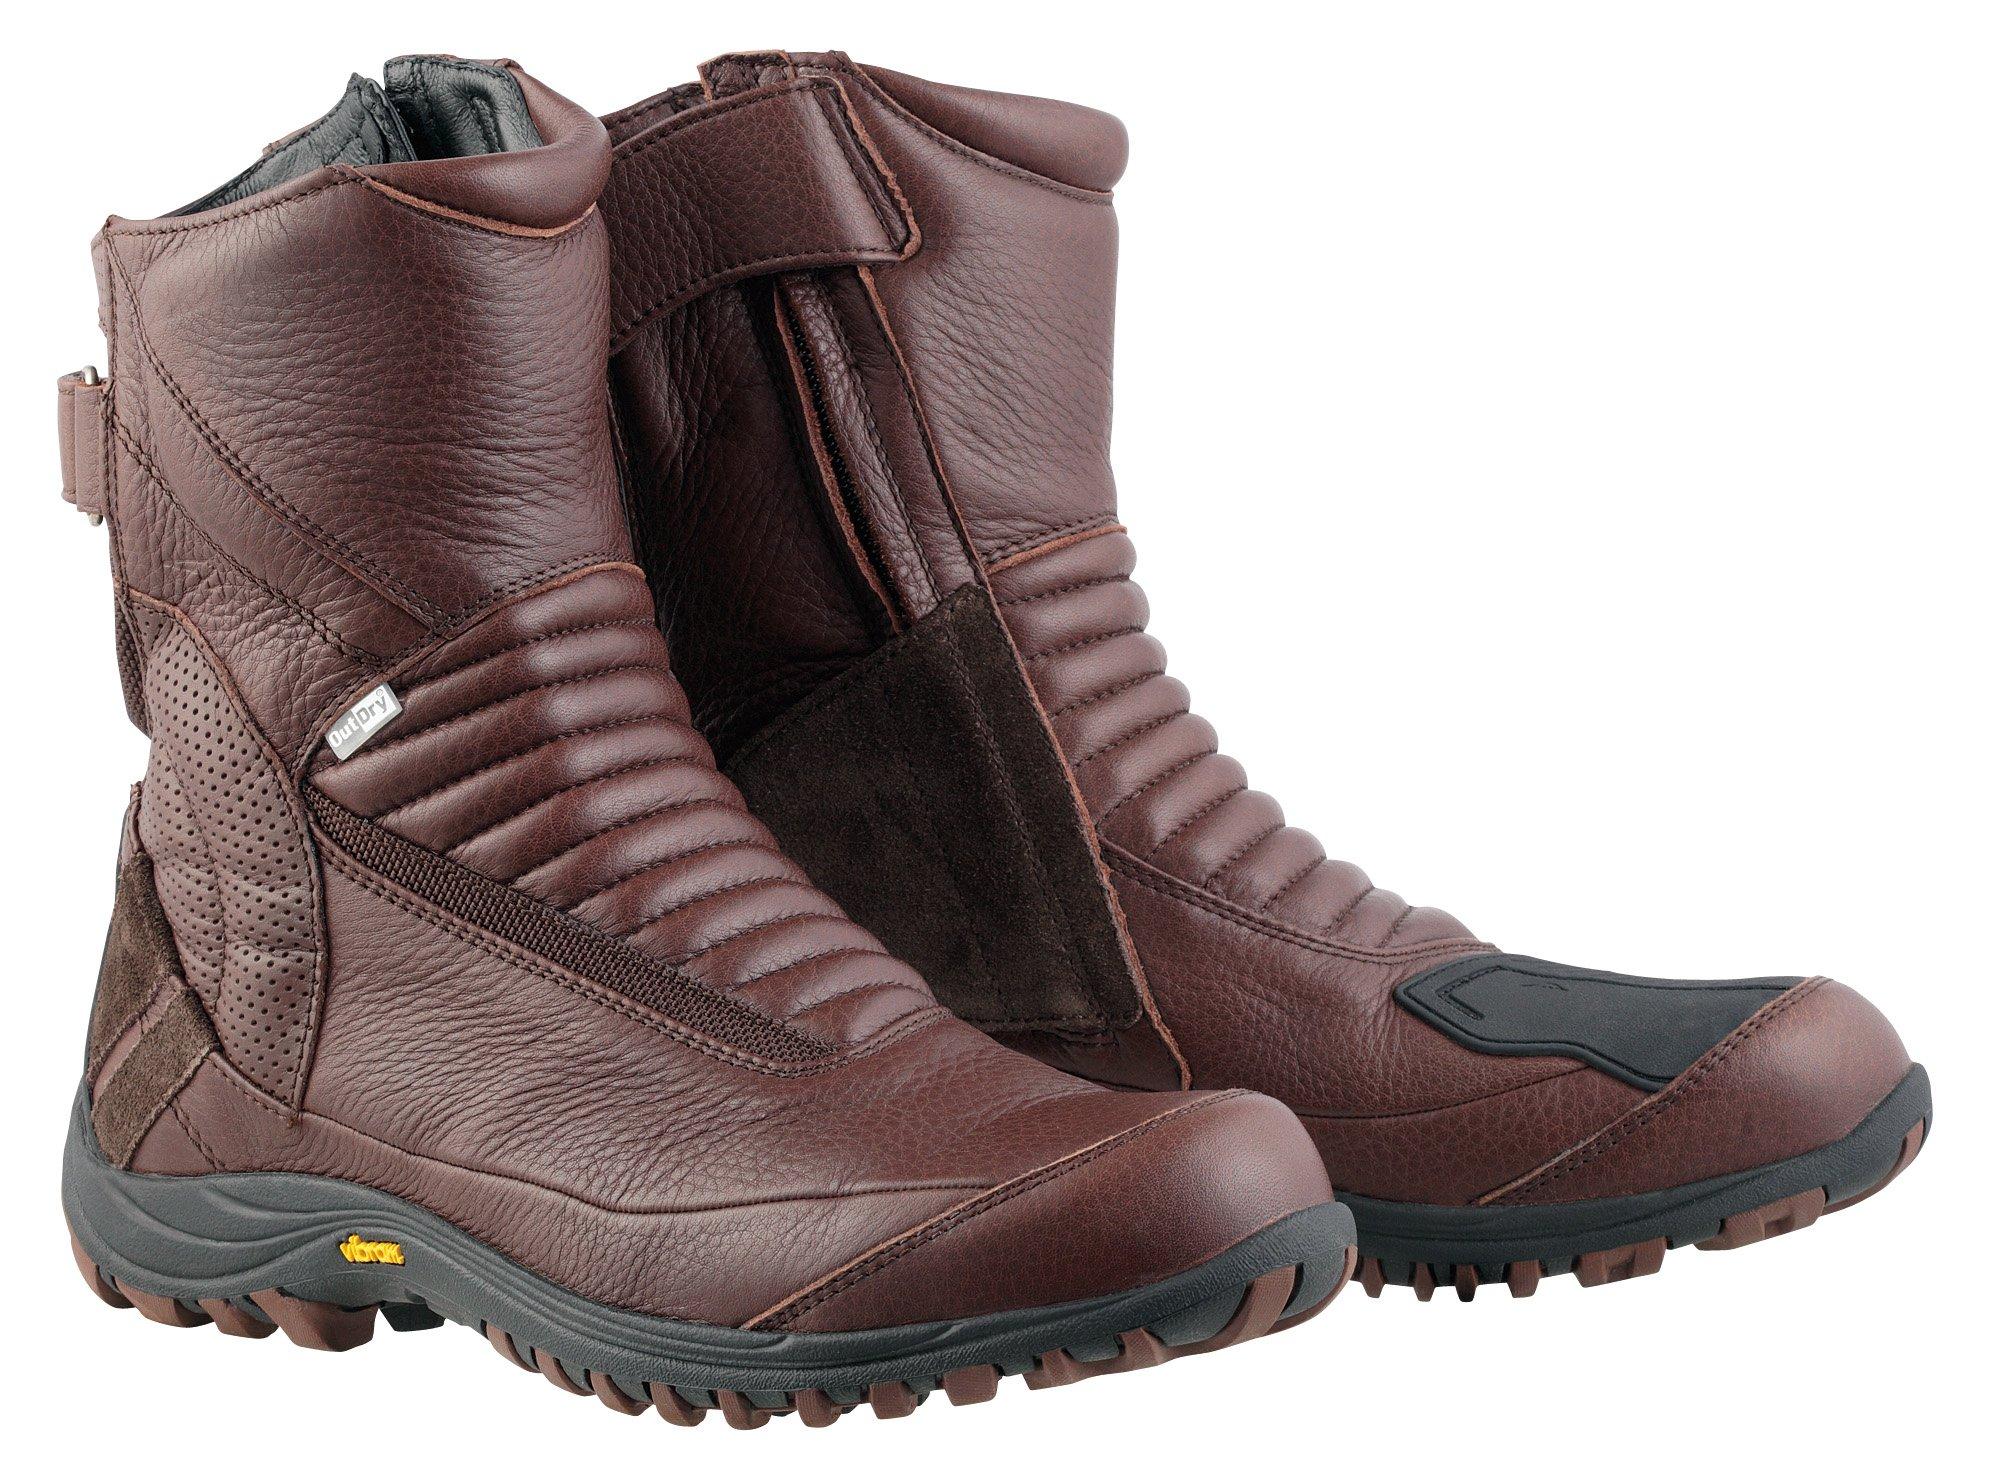 [해외]KUSHITANI (クシタニ) 네오 부츠 다크 브라운 27.5 cm K-4532Z / Kushitani (Kusitani) Neo boots dark brown 27.5 cm K-4532Z